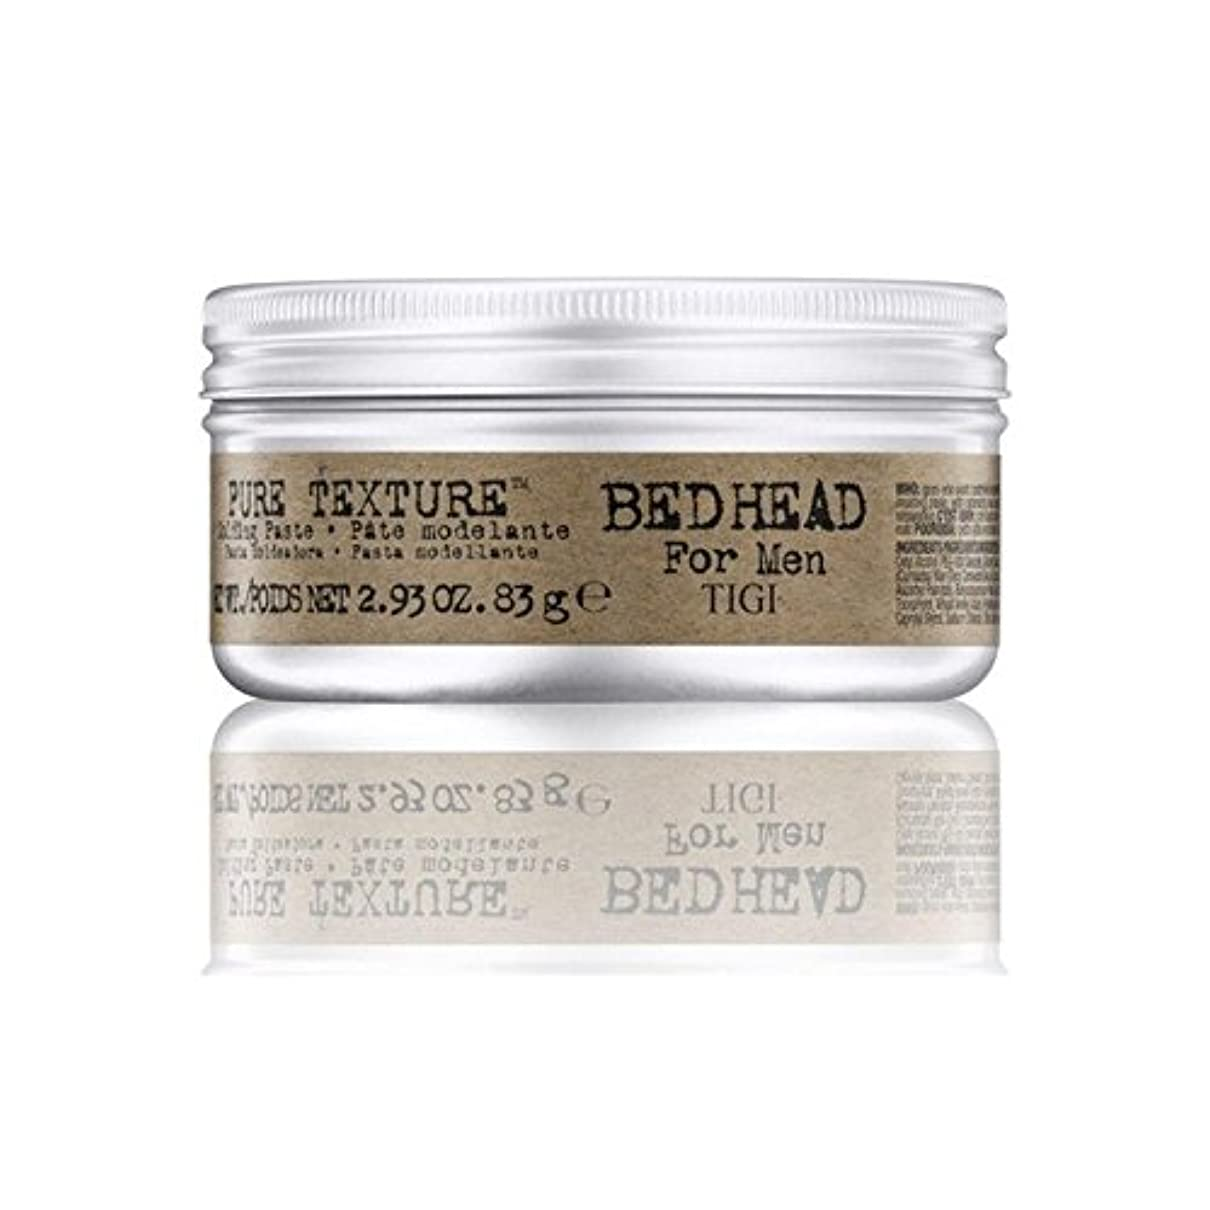 歯科医湾アクセシブル男性の純粋なテクスチャーモールディングペースト(83グラム)のためのティジーベッドヘッド x4 - Tigi Bed Head For Men Pure Texture Molding Paste (83G) (Pack...